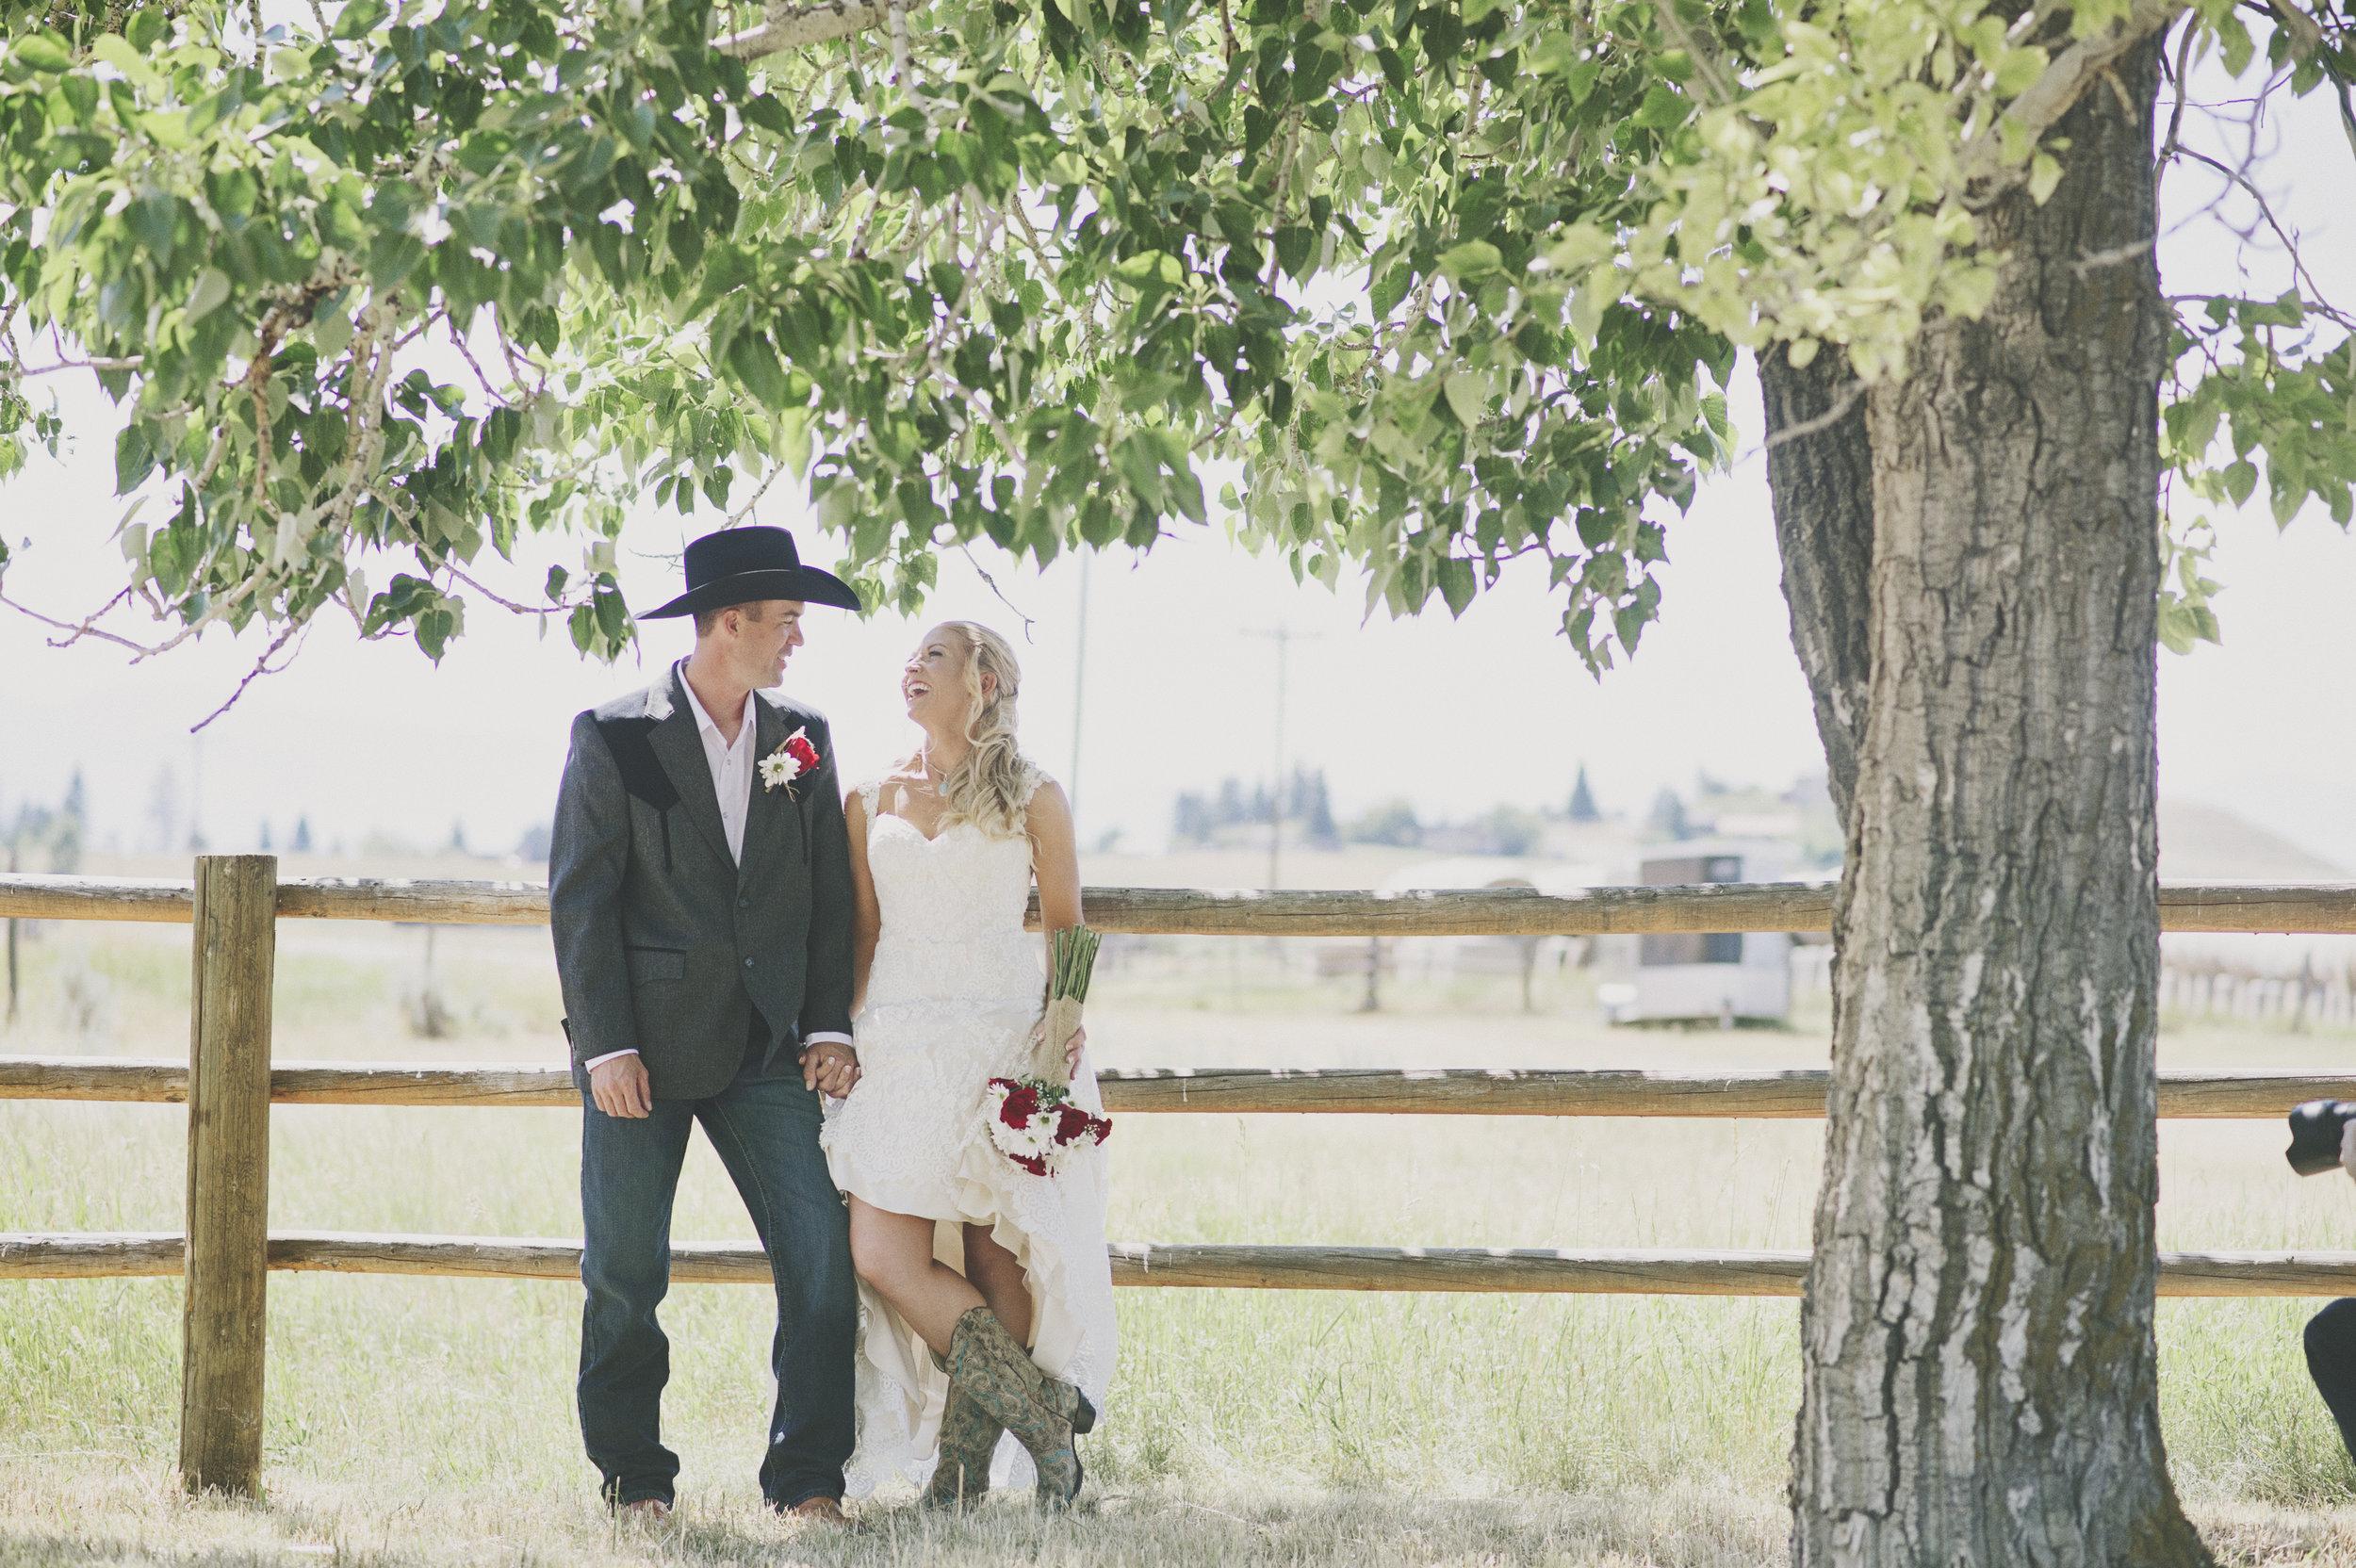 Erica Lind + Jeff Heim Wedding_Rustic Wedding_Montana Wedding_Kelsey Lane Photography-3913-2 copy.jpg